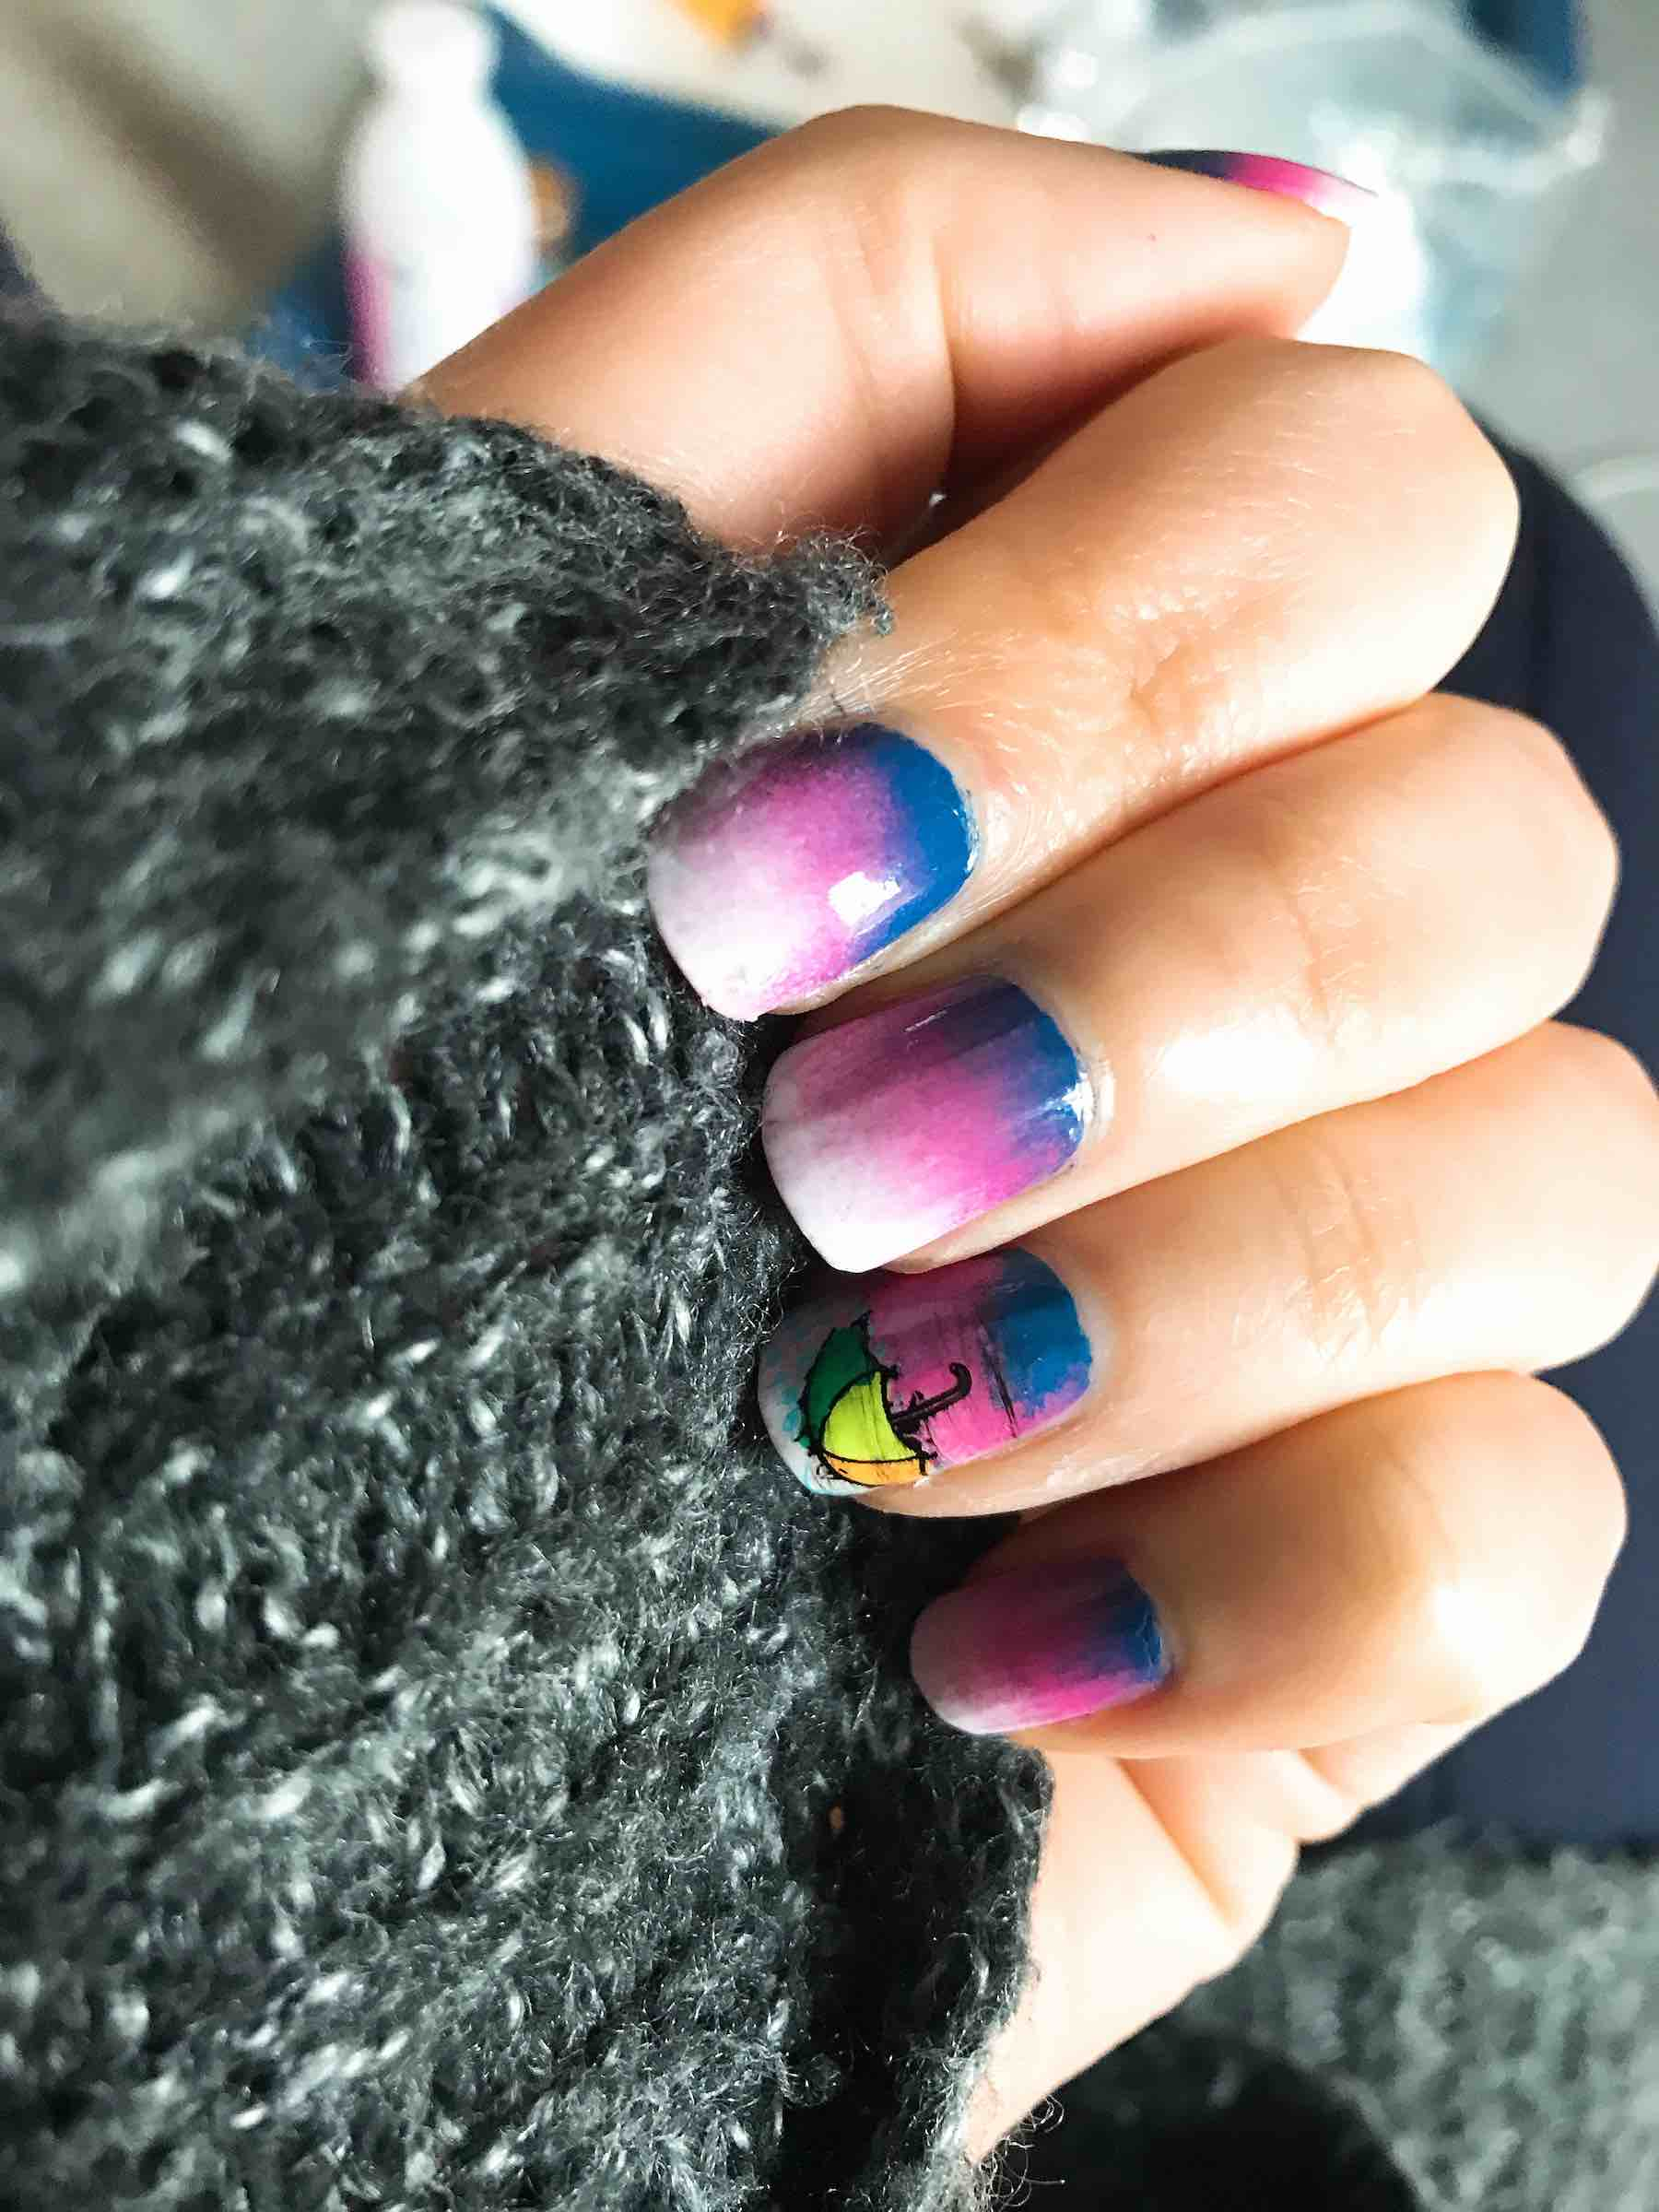 Nail art Round up